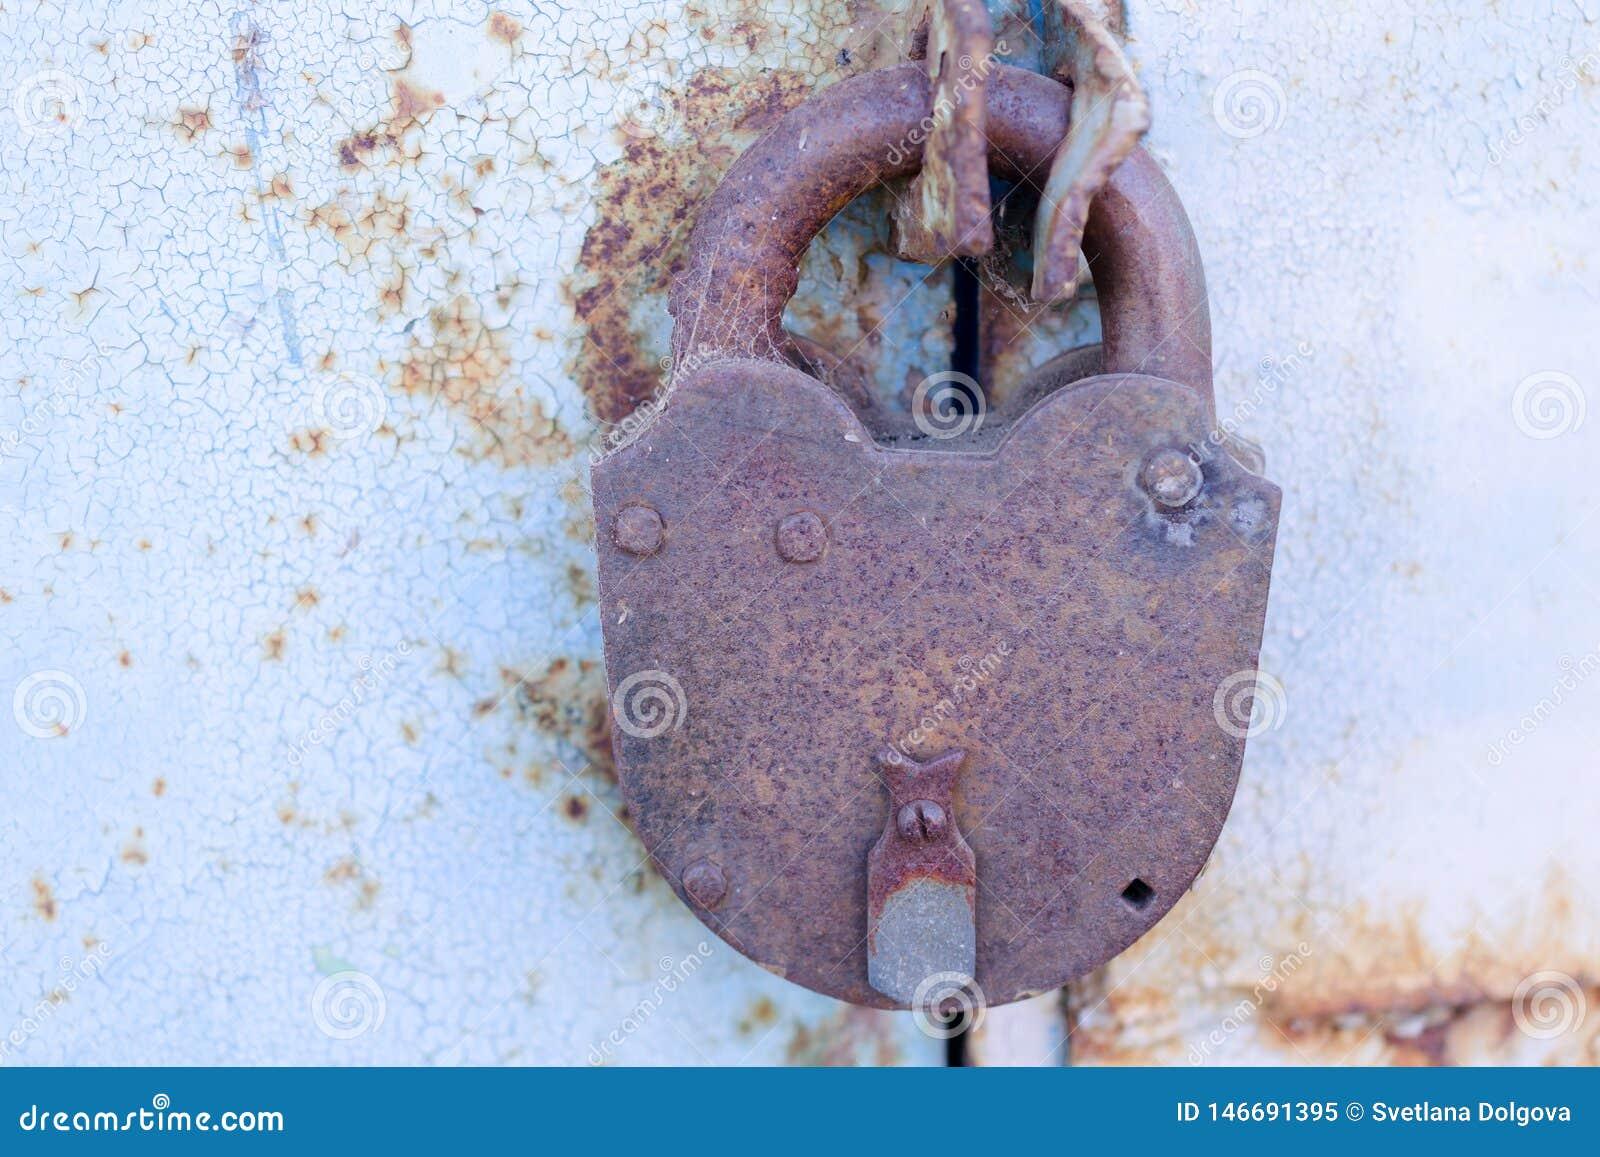 Gammal rostad hänglås på en metalldörr med sprucken blå målarfärg